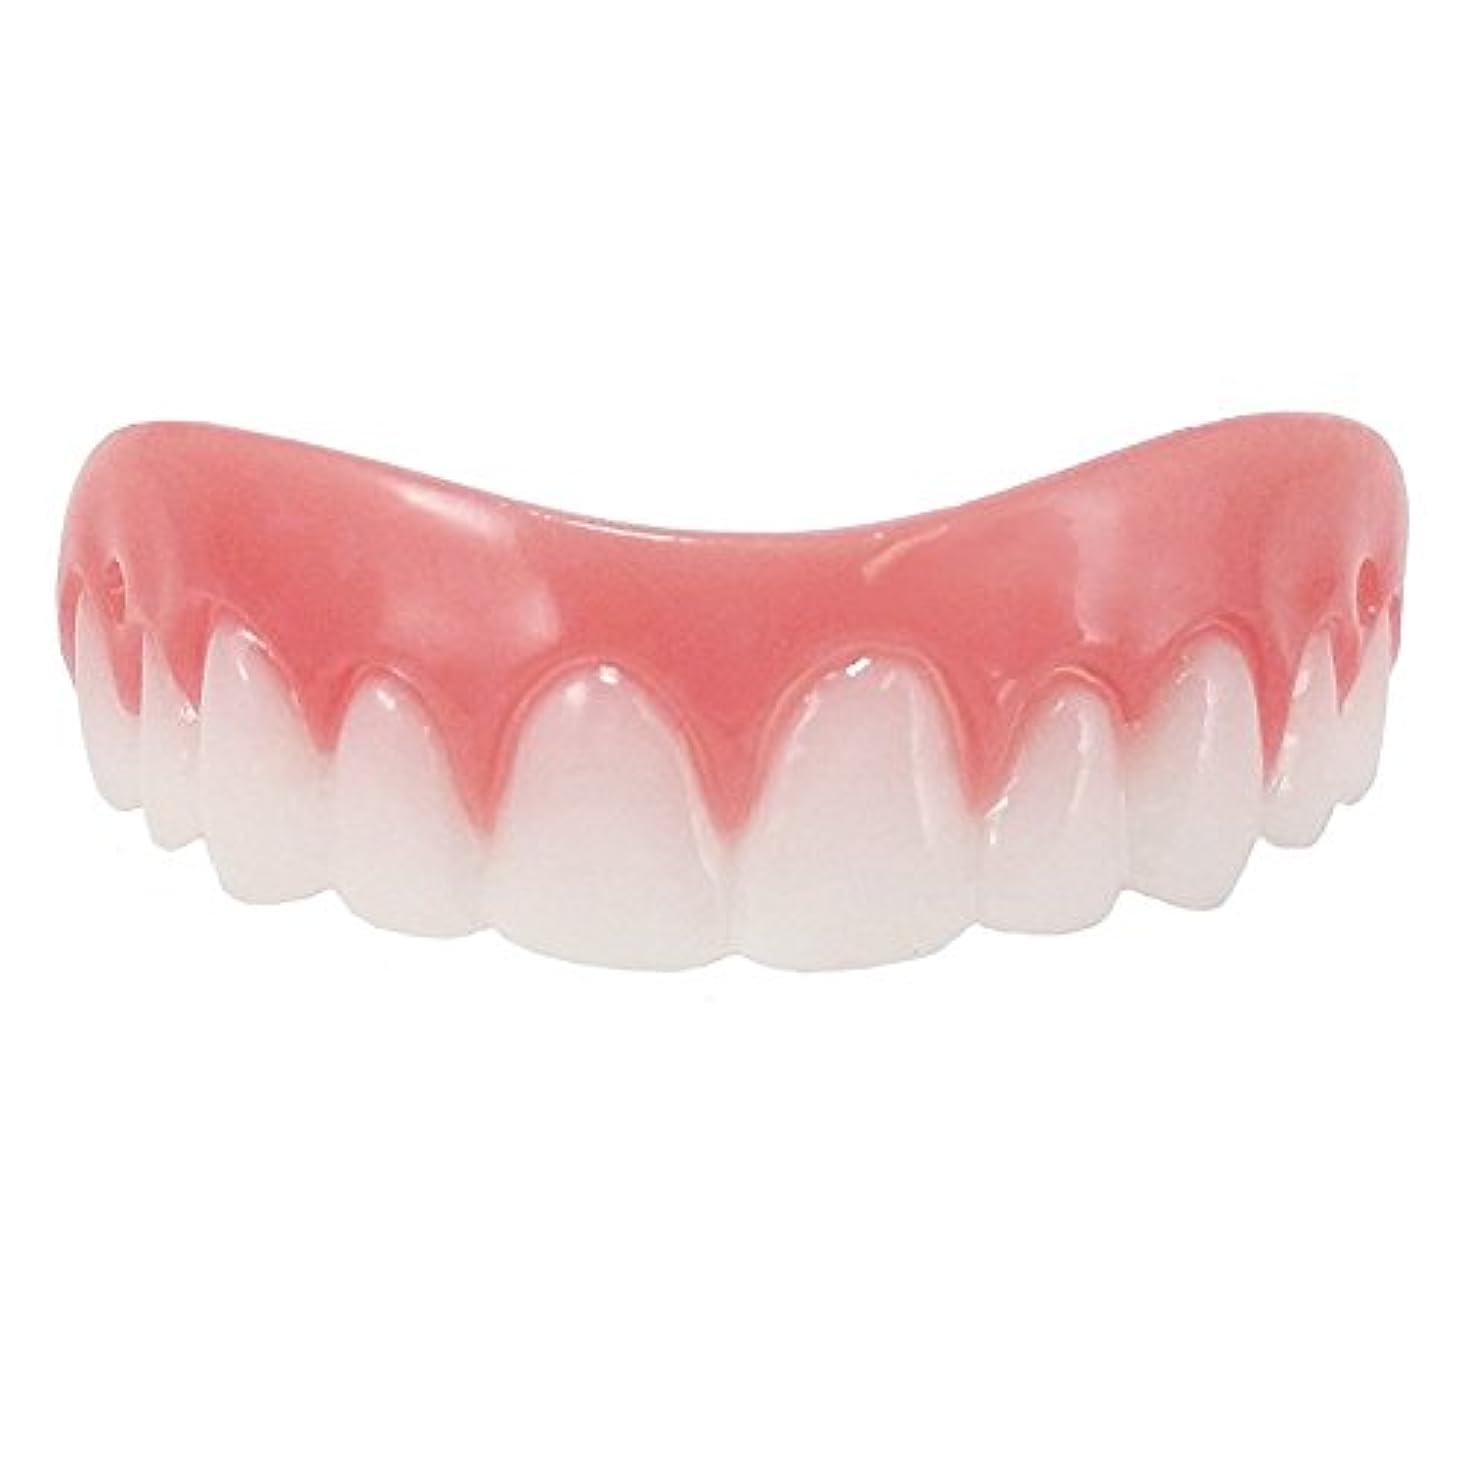 おとこ弾性宇宙船シリコン義歯ペースト 美容用 入れ歯 上歯 下歯2個セット (free size)